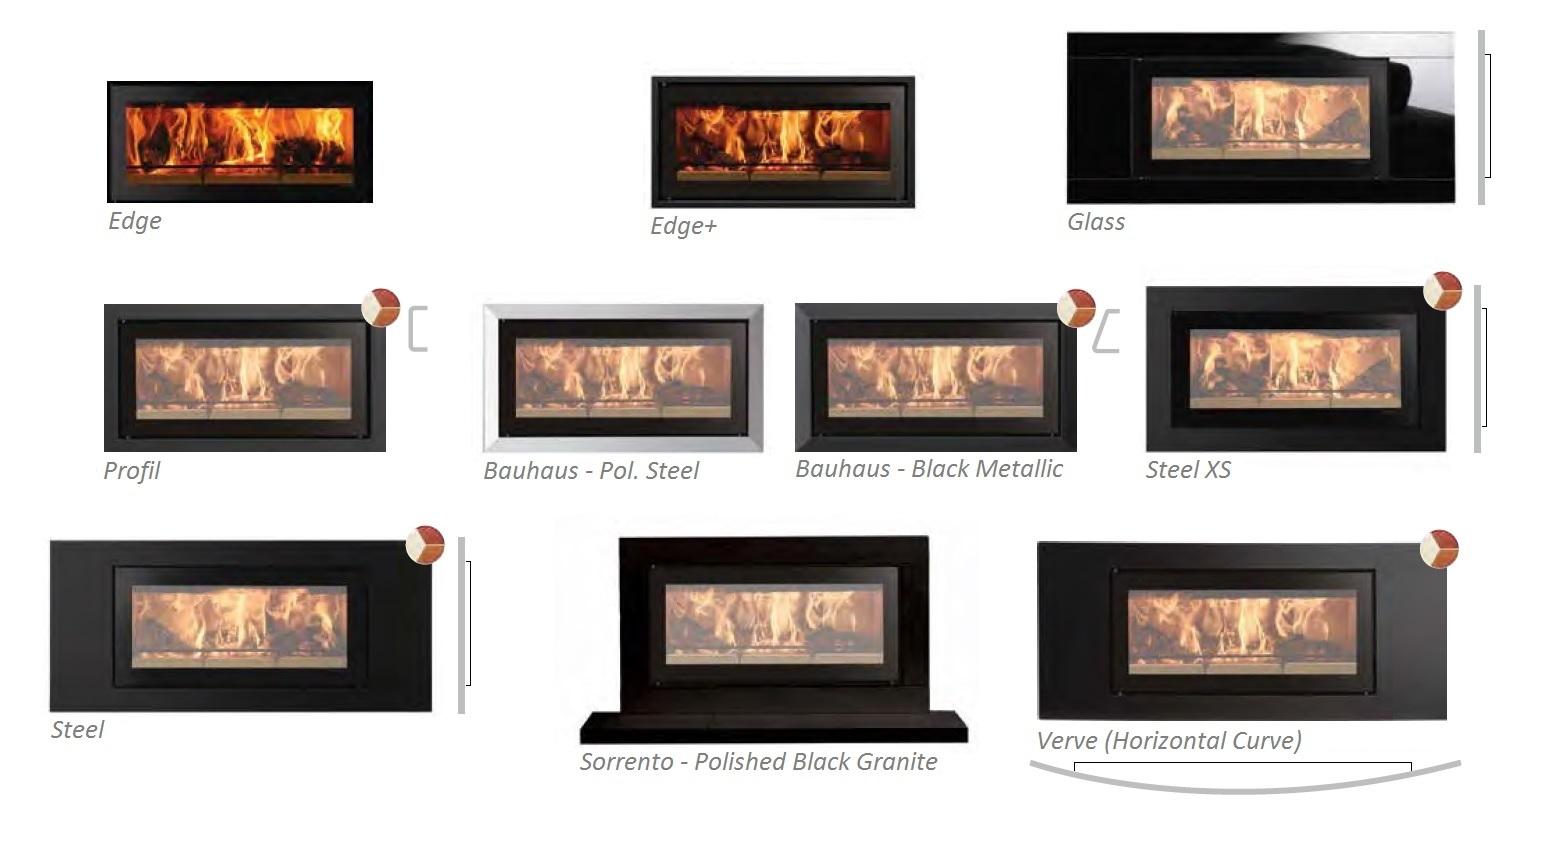 Studio 500 - Stovax Frames